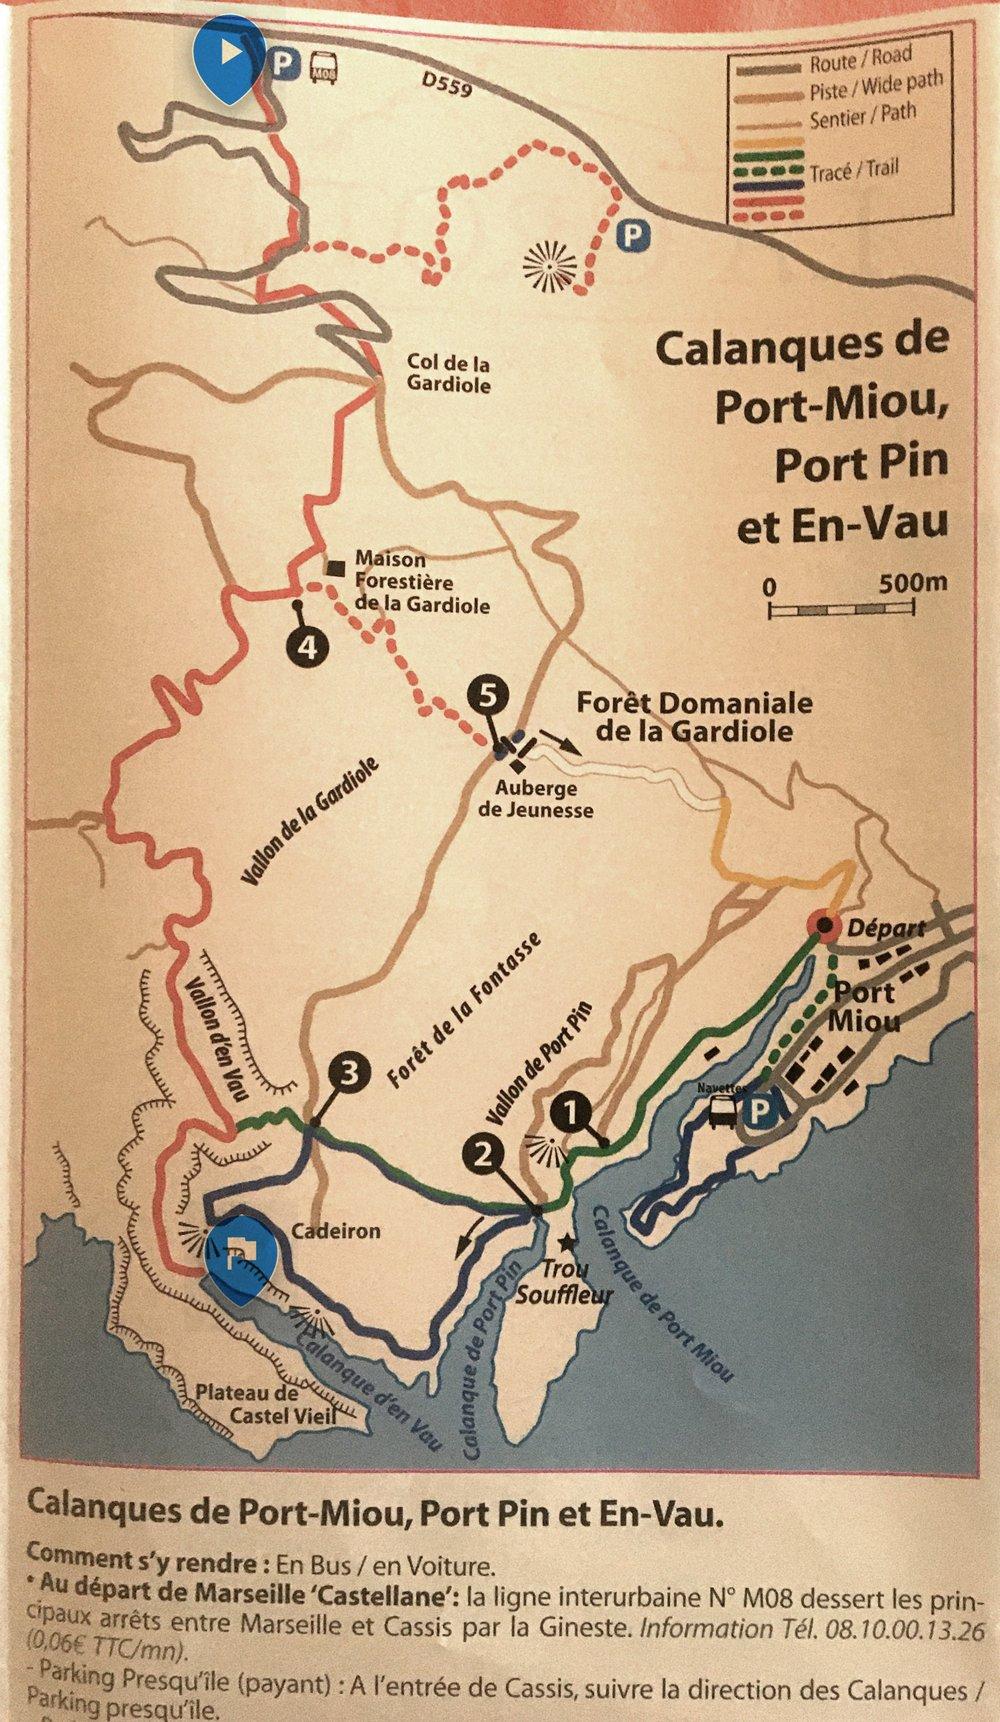 Mappa dal parcheggio (se si passa da Marsiglia, l'accesso da Cassis è più rapido)